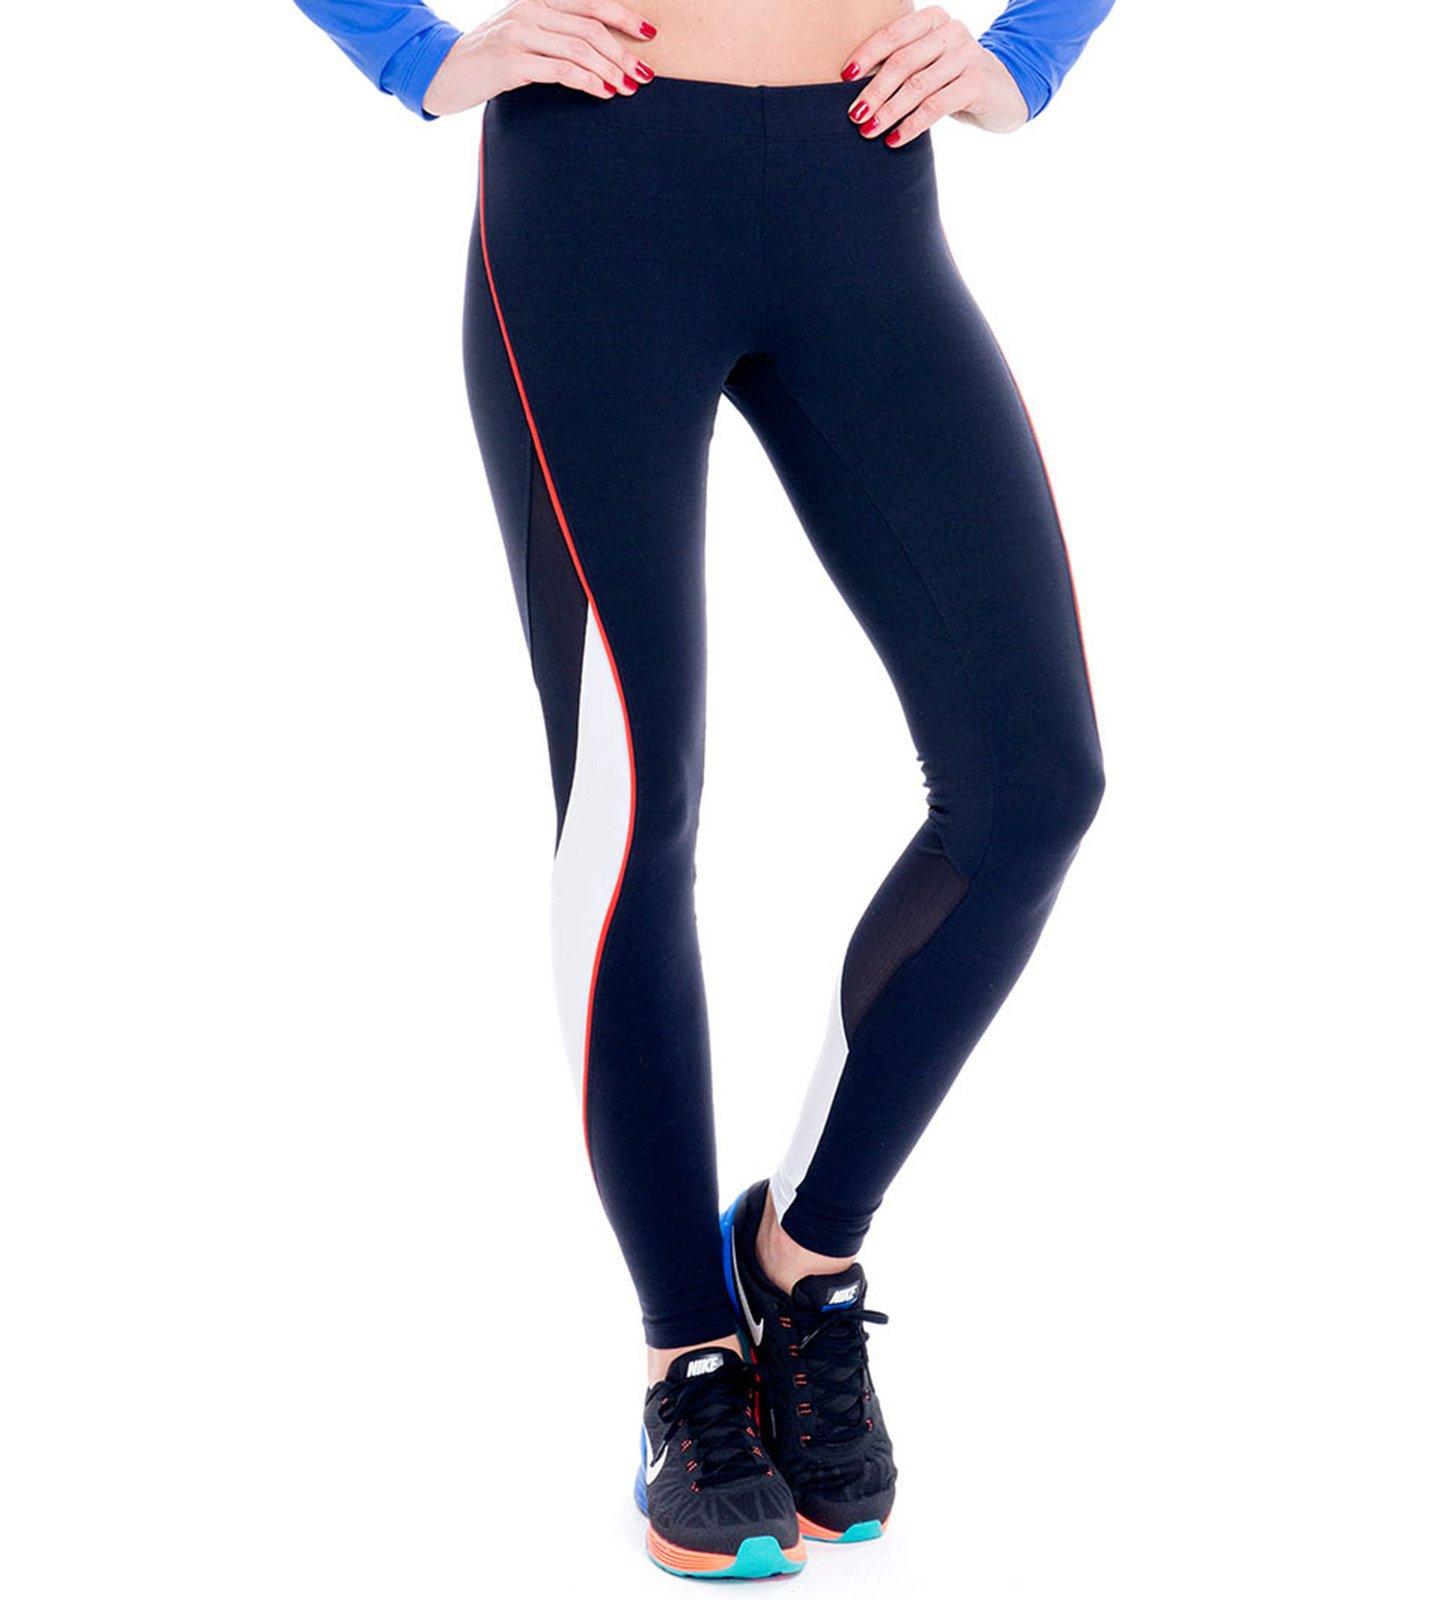 sport leggings kombiniert aus zwei materialien in schwarz und wei fuseau anahuacalli. Black Bedroom Furniture Sets. Home Design Ideas